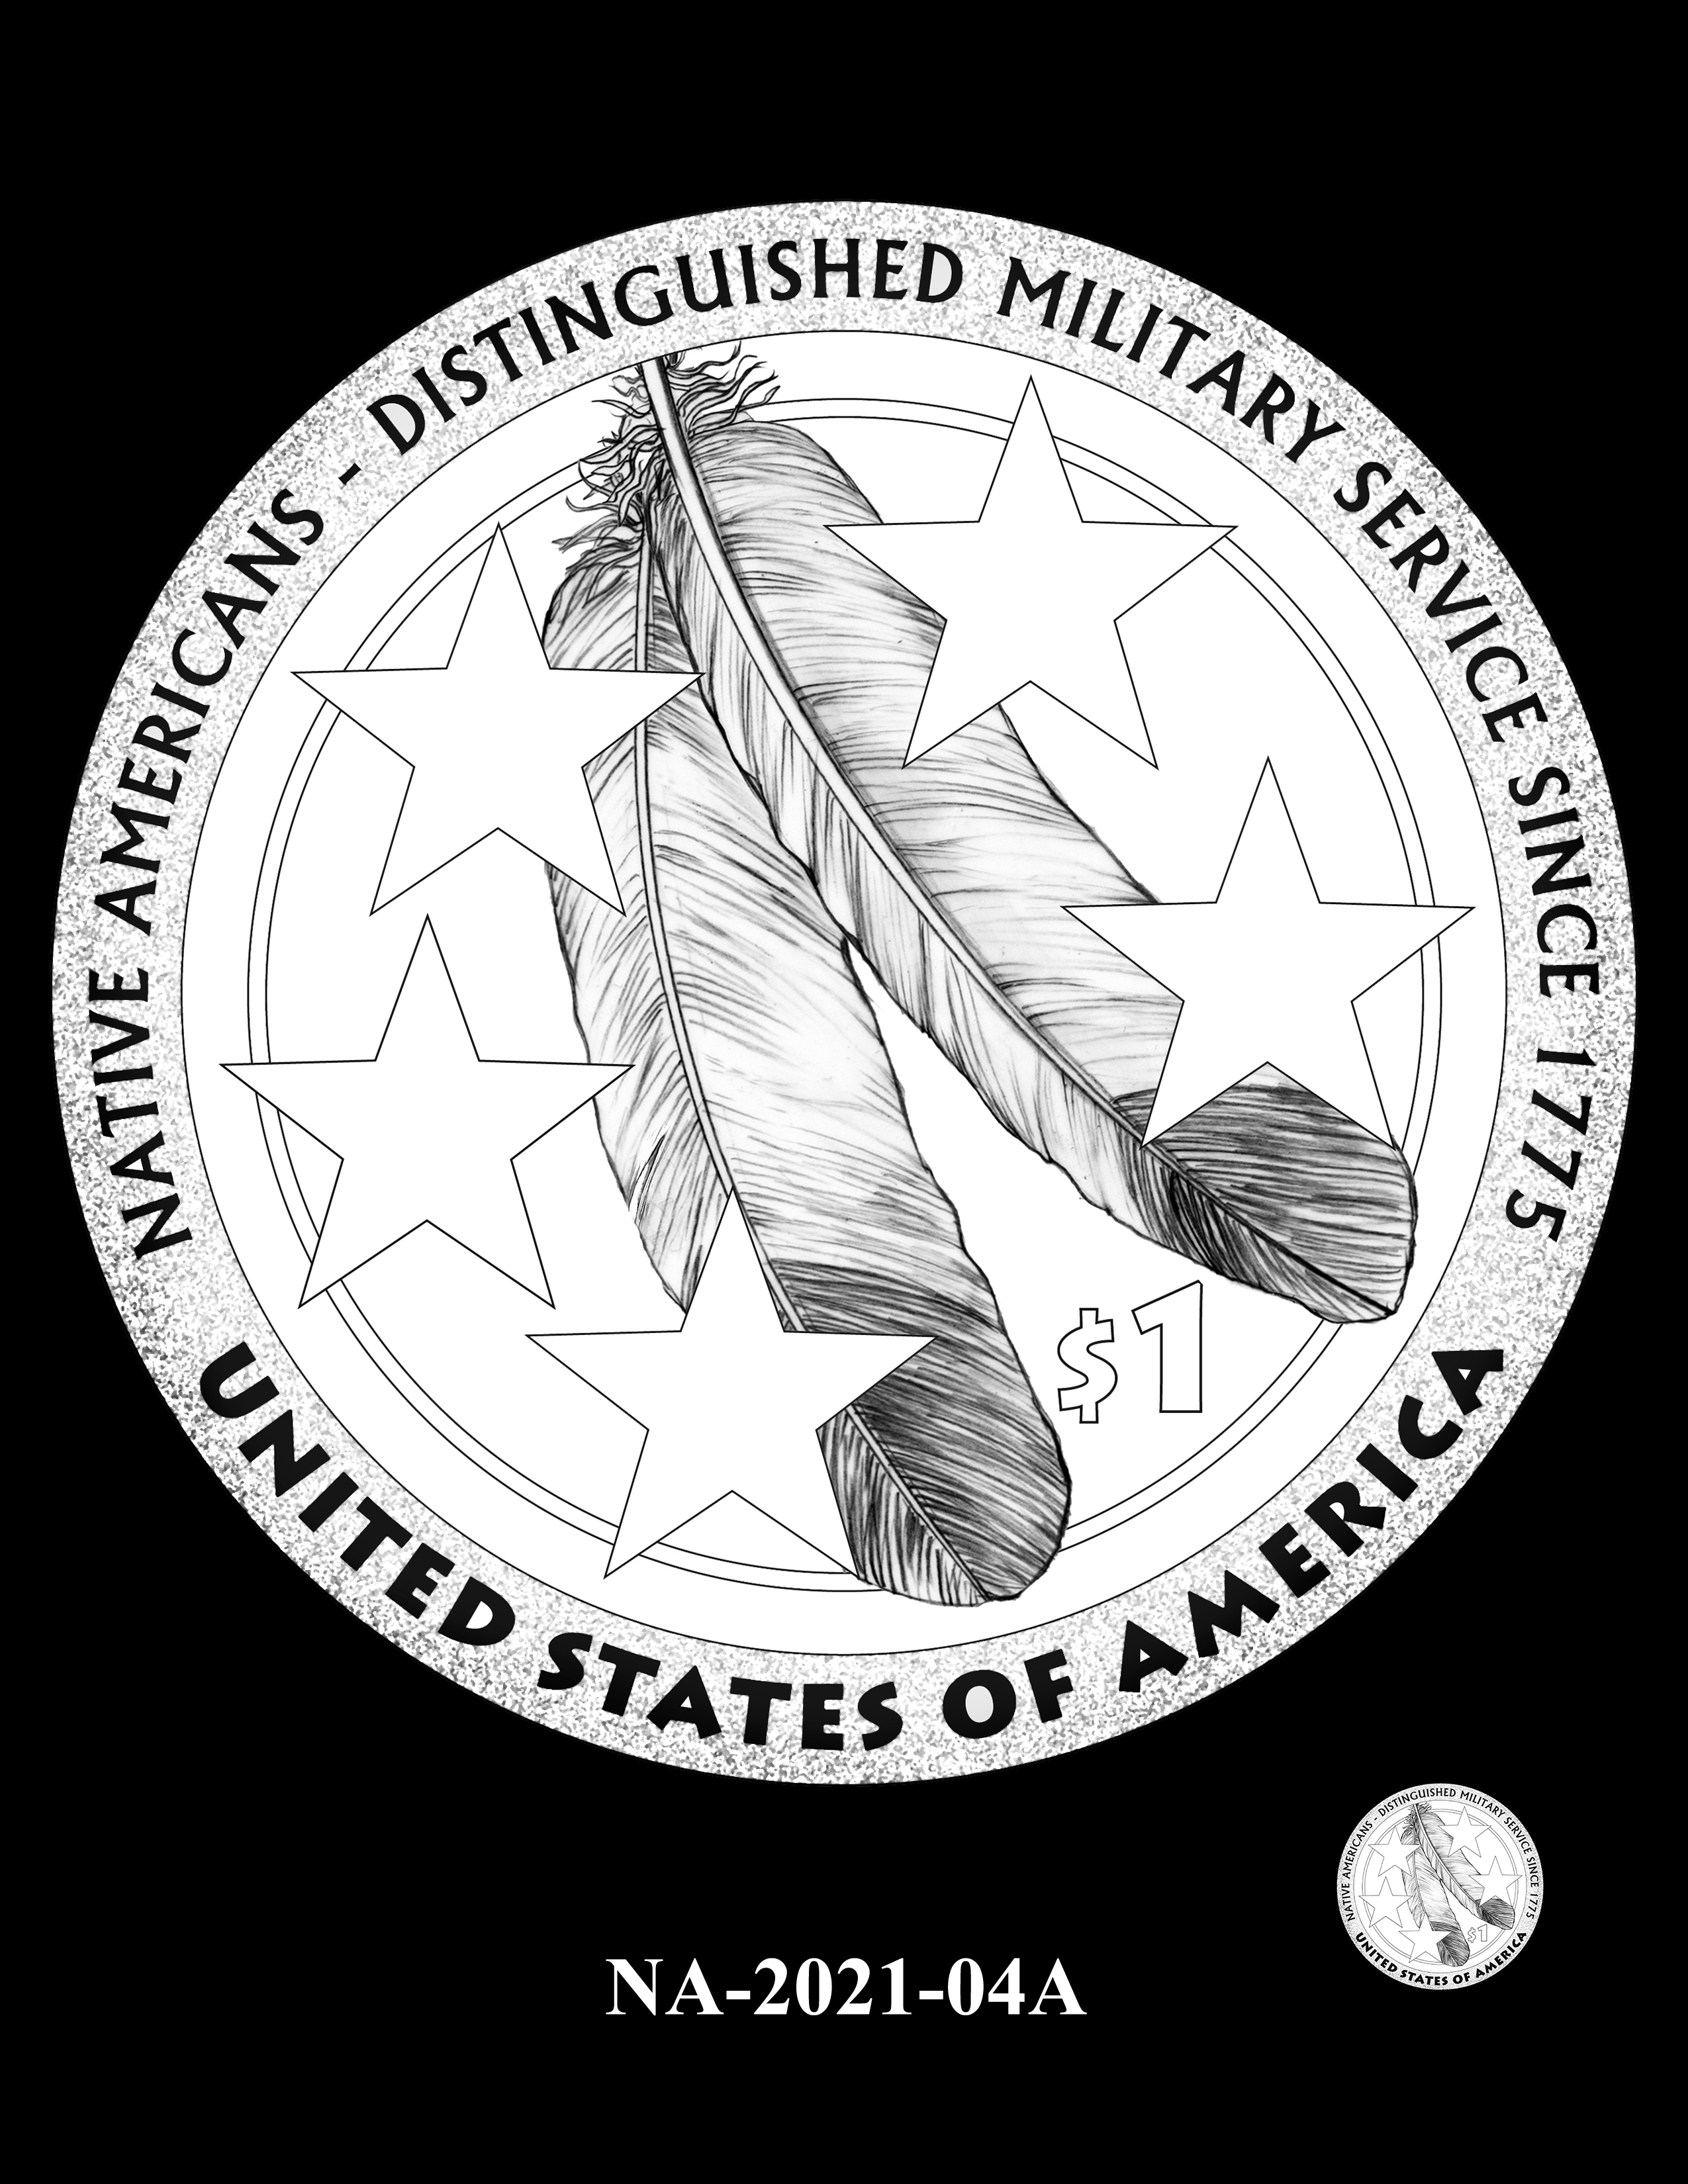 NA-2021-04A -- 2021 Native American $1